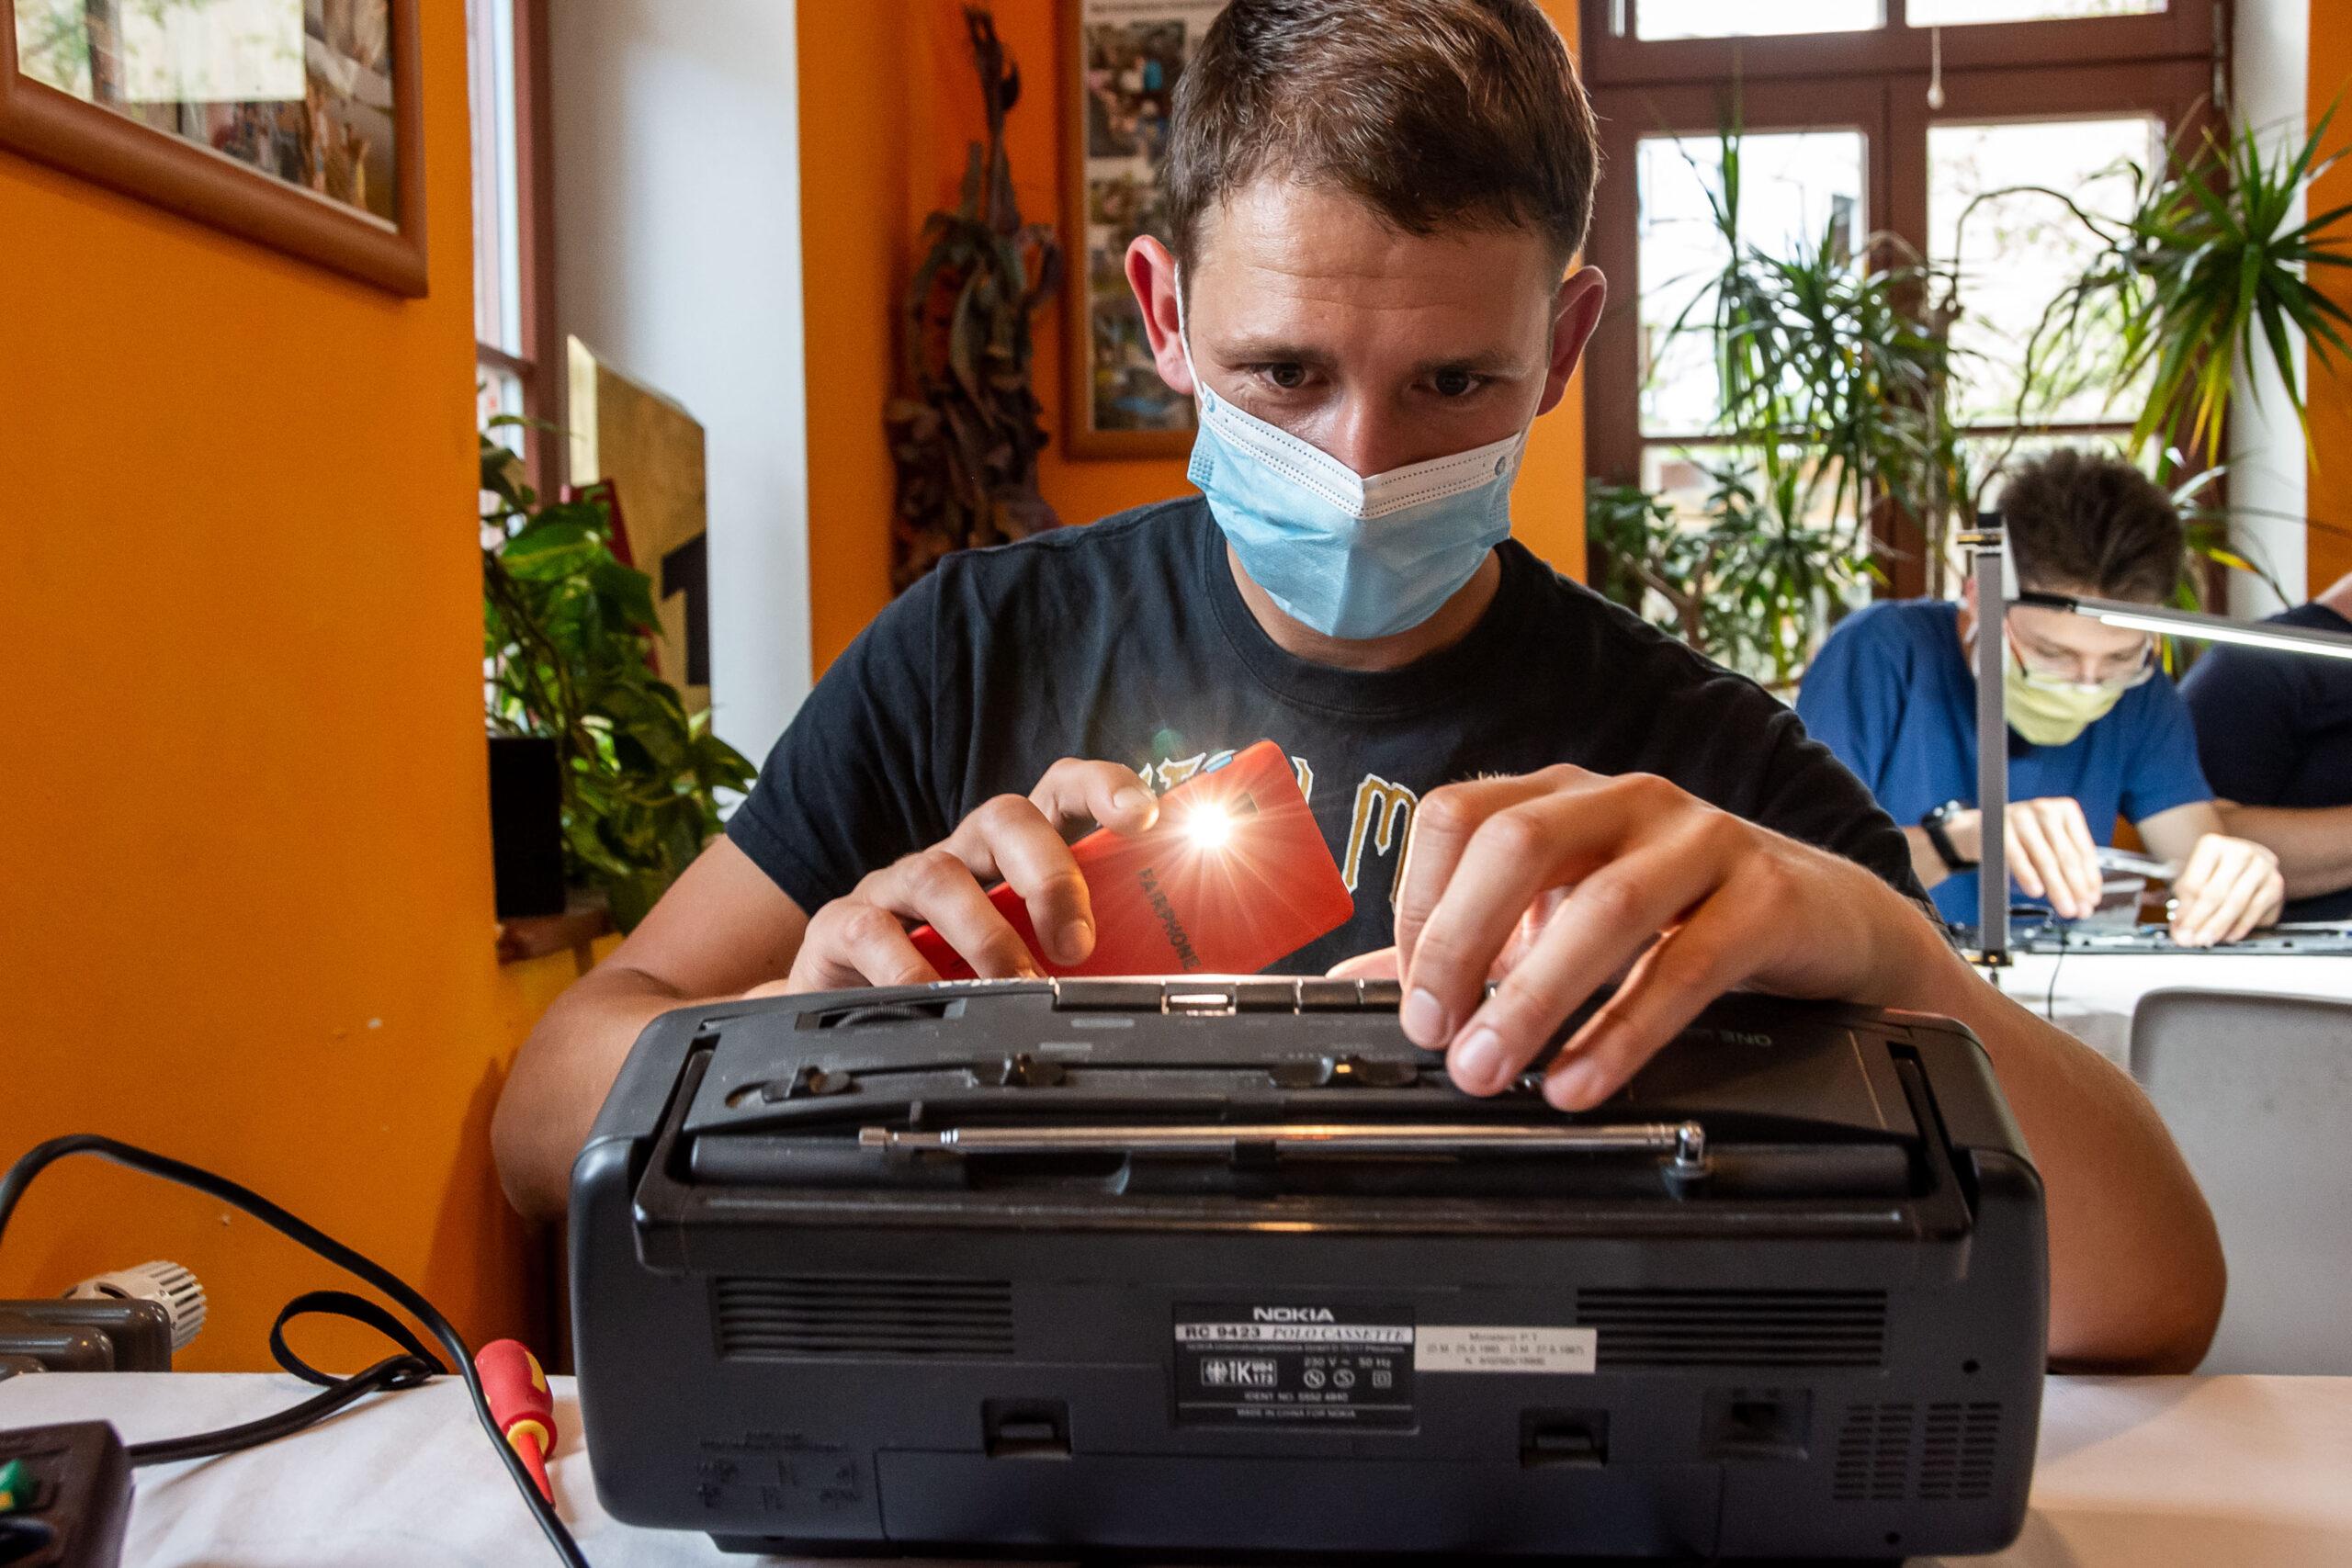 Reportagefotografie - Werbeagentur Haas: Kasettenrecorder im RepairCafe Dresden